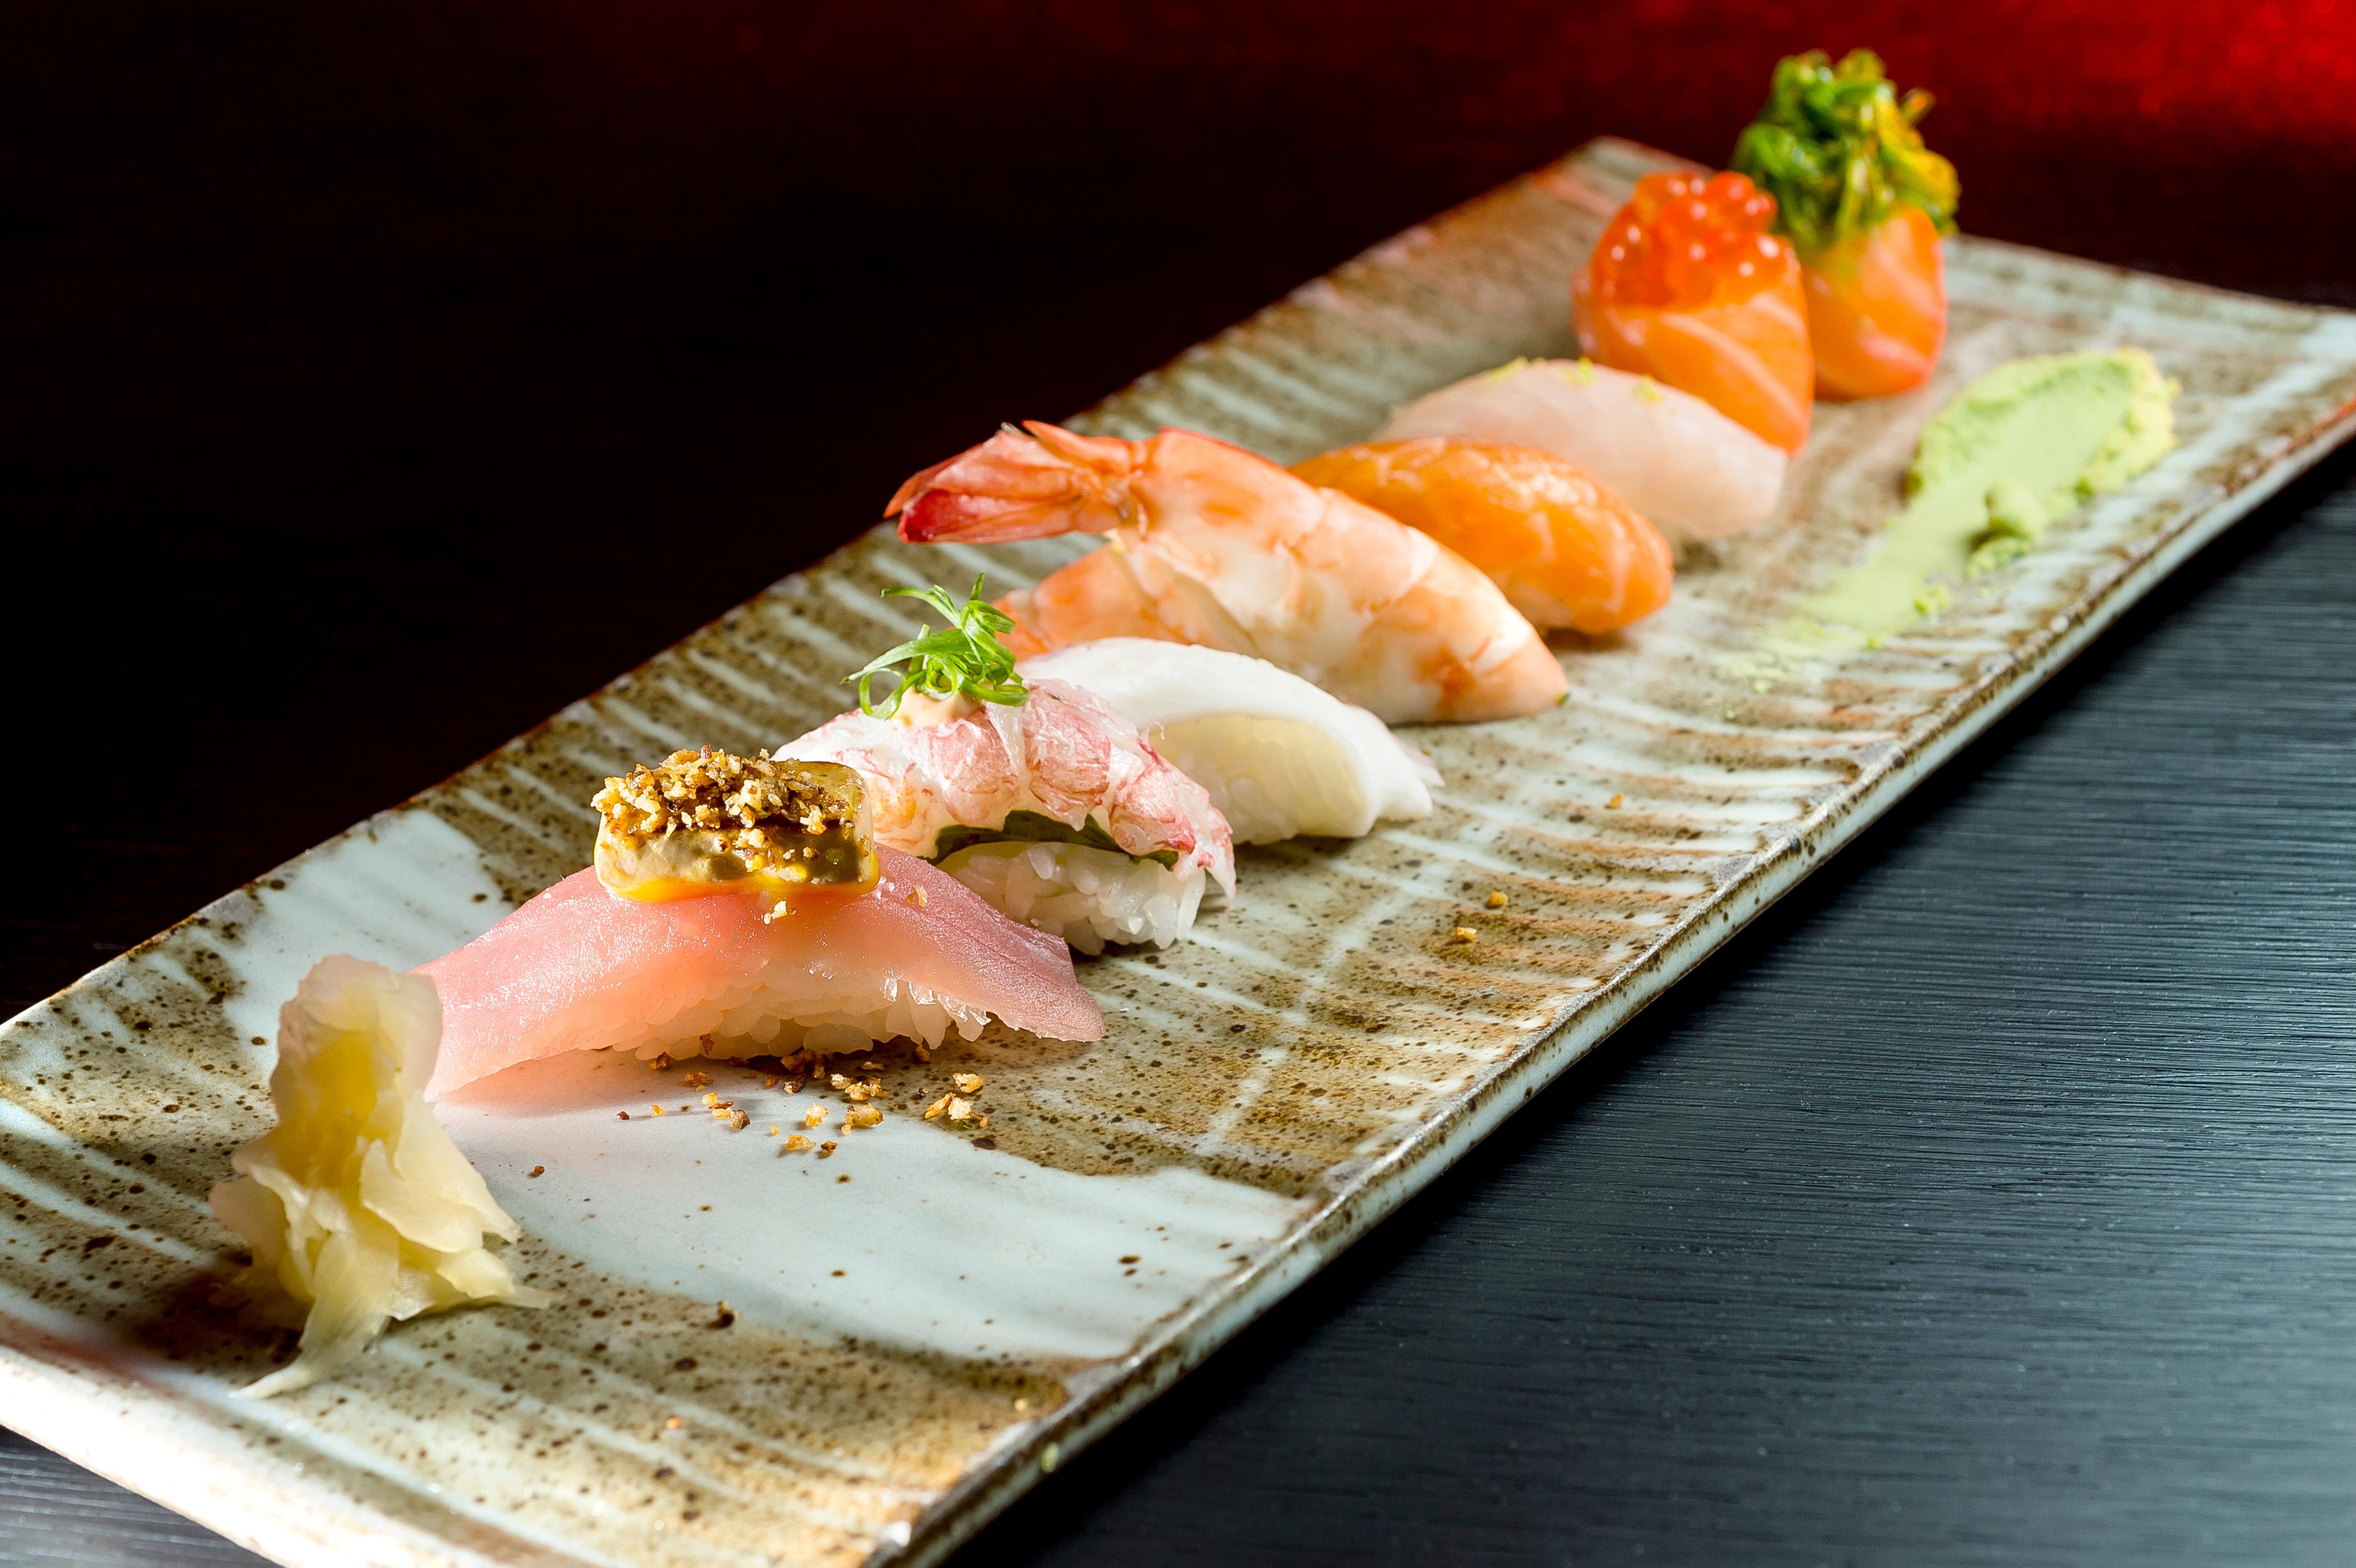 restaurantes no Itaim kinu culinária japonesa